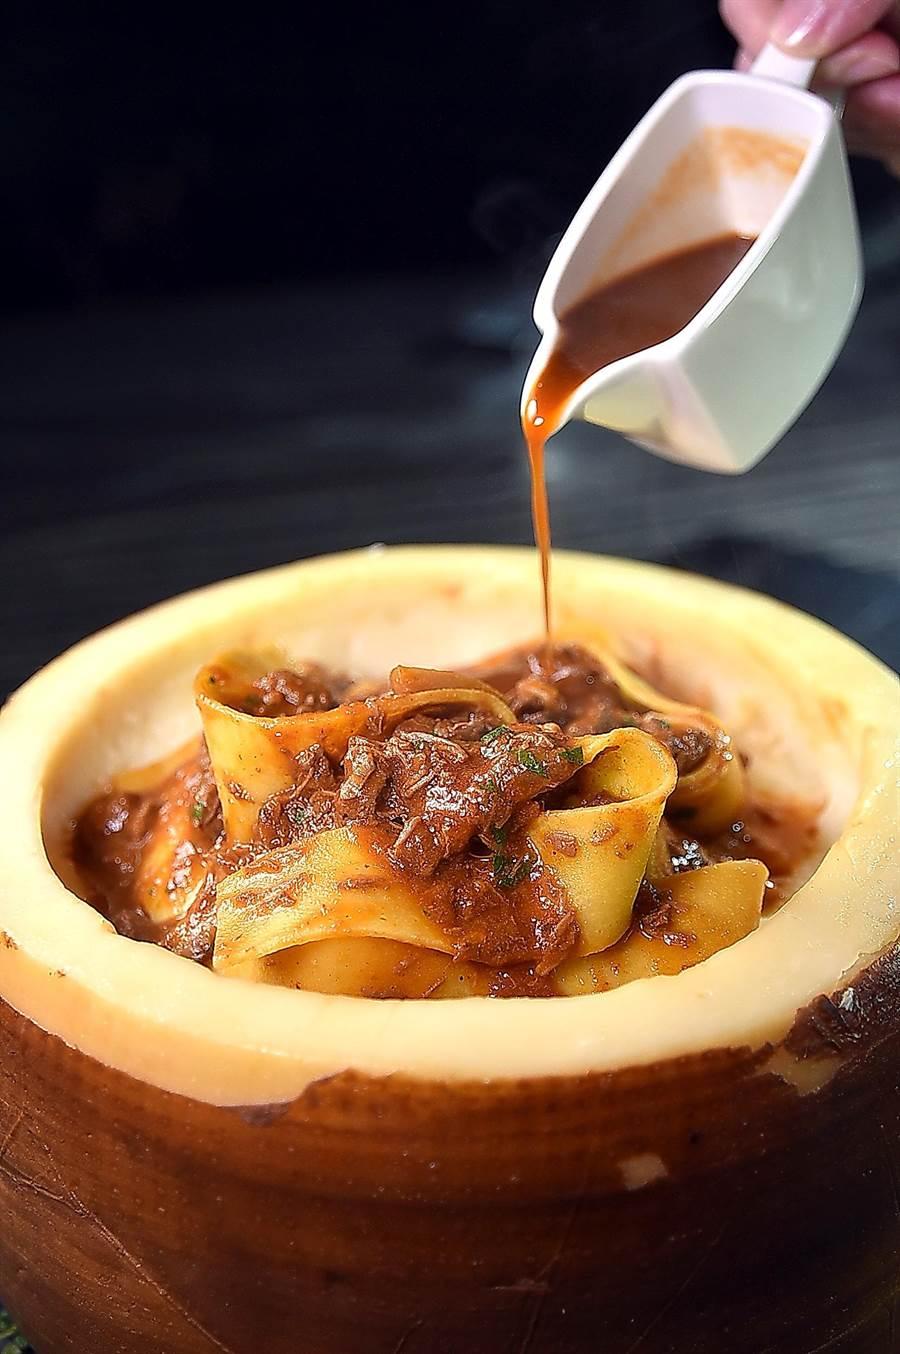 寒舍艾麗〈La Farfalla〉餐廳新菜單上的〈佩科里諾羊乳酪燉鴨醬手工寬帶麵〉,將炒好的寬帶麵放入義大利最古老的佩克里諾(Pecorino)起司輪中,利用麵體的溫度融化乳酪,故滋味更香濃。〈圖/姚舜)